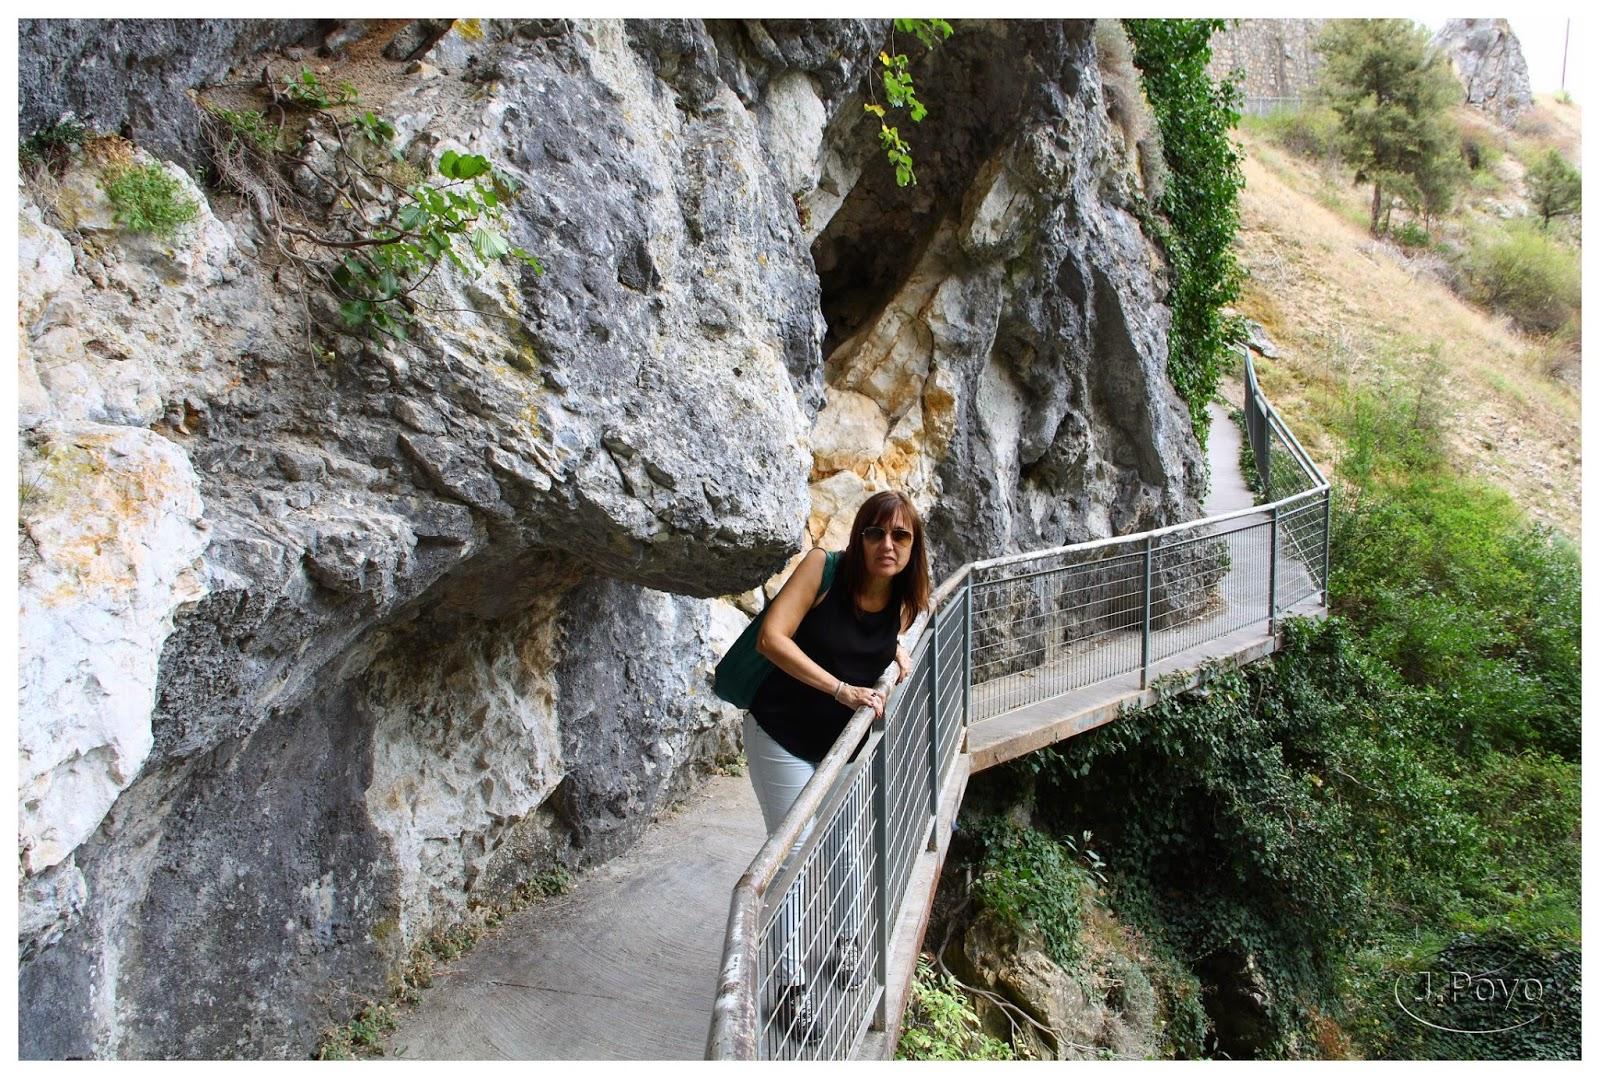 Desfiladero de la Yecla. Burgos